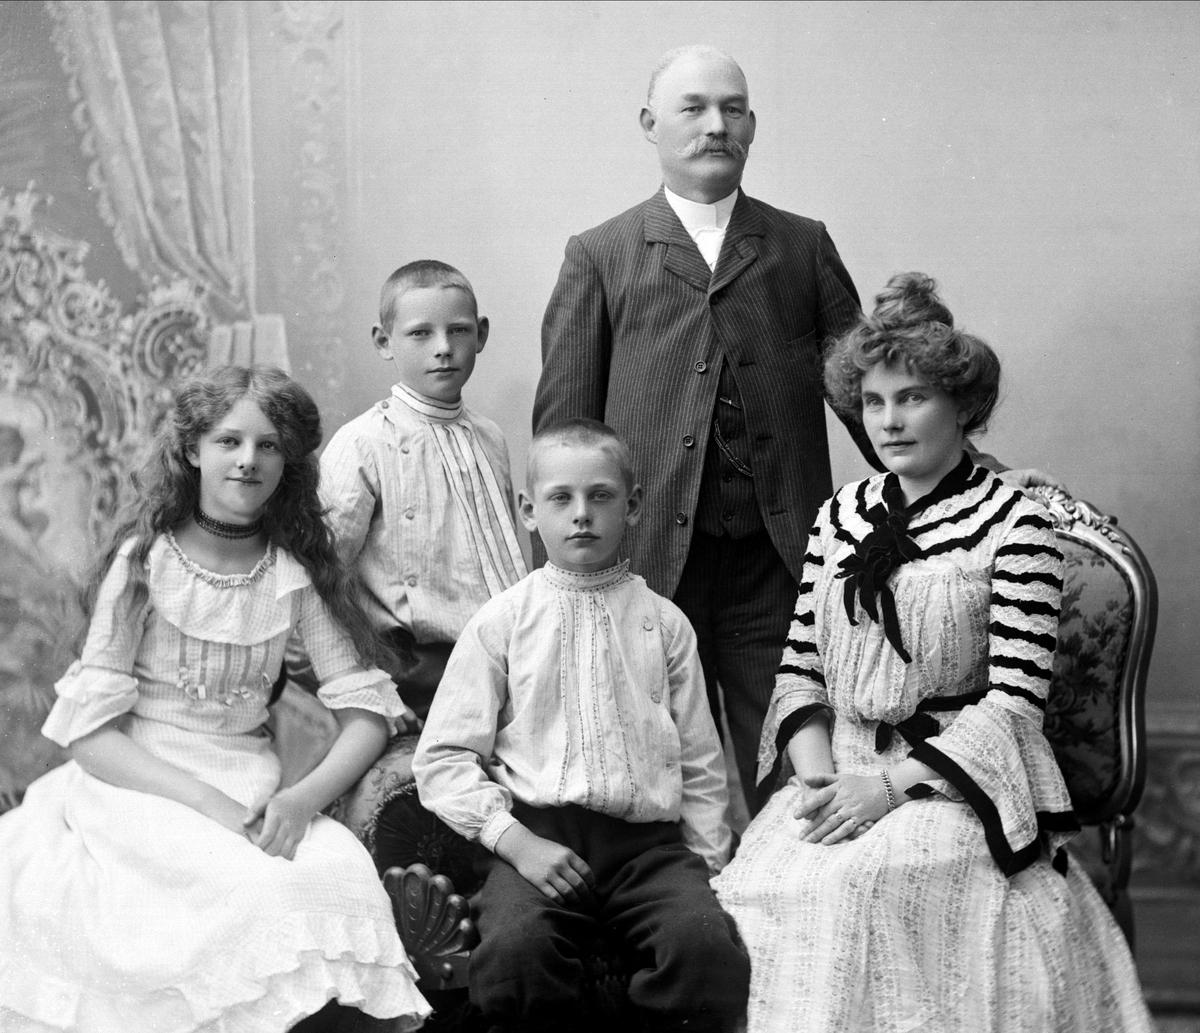 Gruppeportrett, familiebilde. Thomas Severin Tellefsen og hustru Laura f. Wiig. Barna fra v. Solveig, Arne og Finn Tellefsen. Thomas var universitetsbibliotekar.